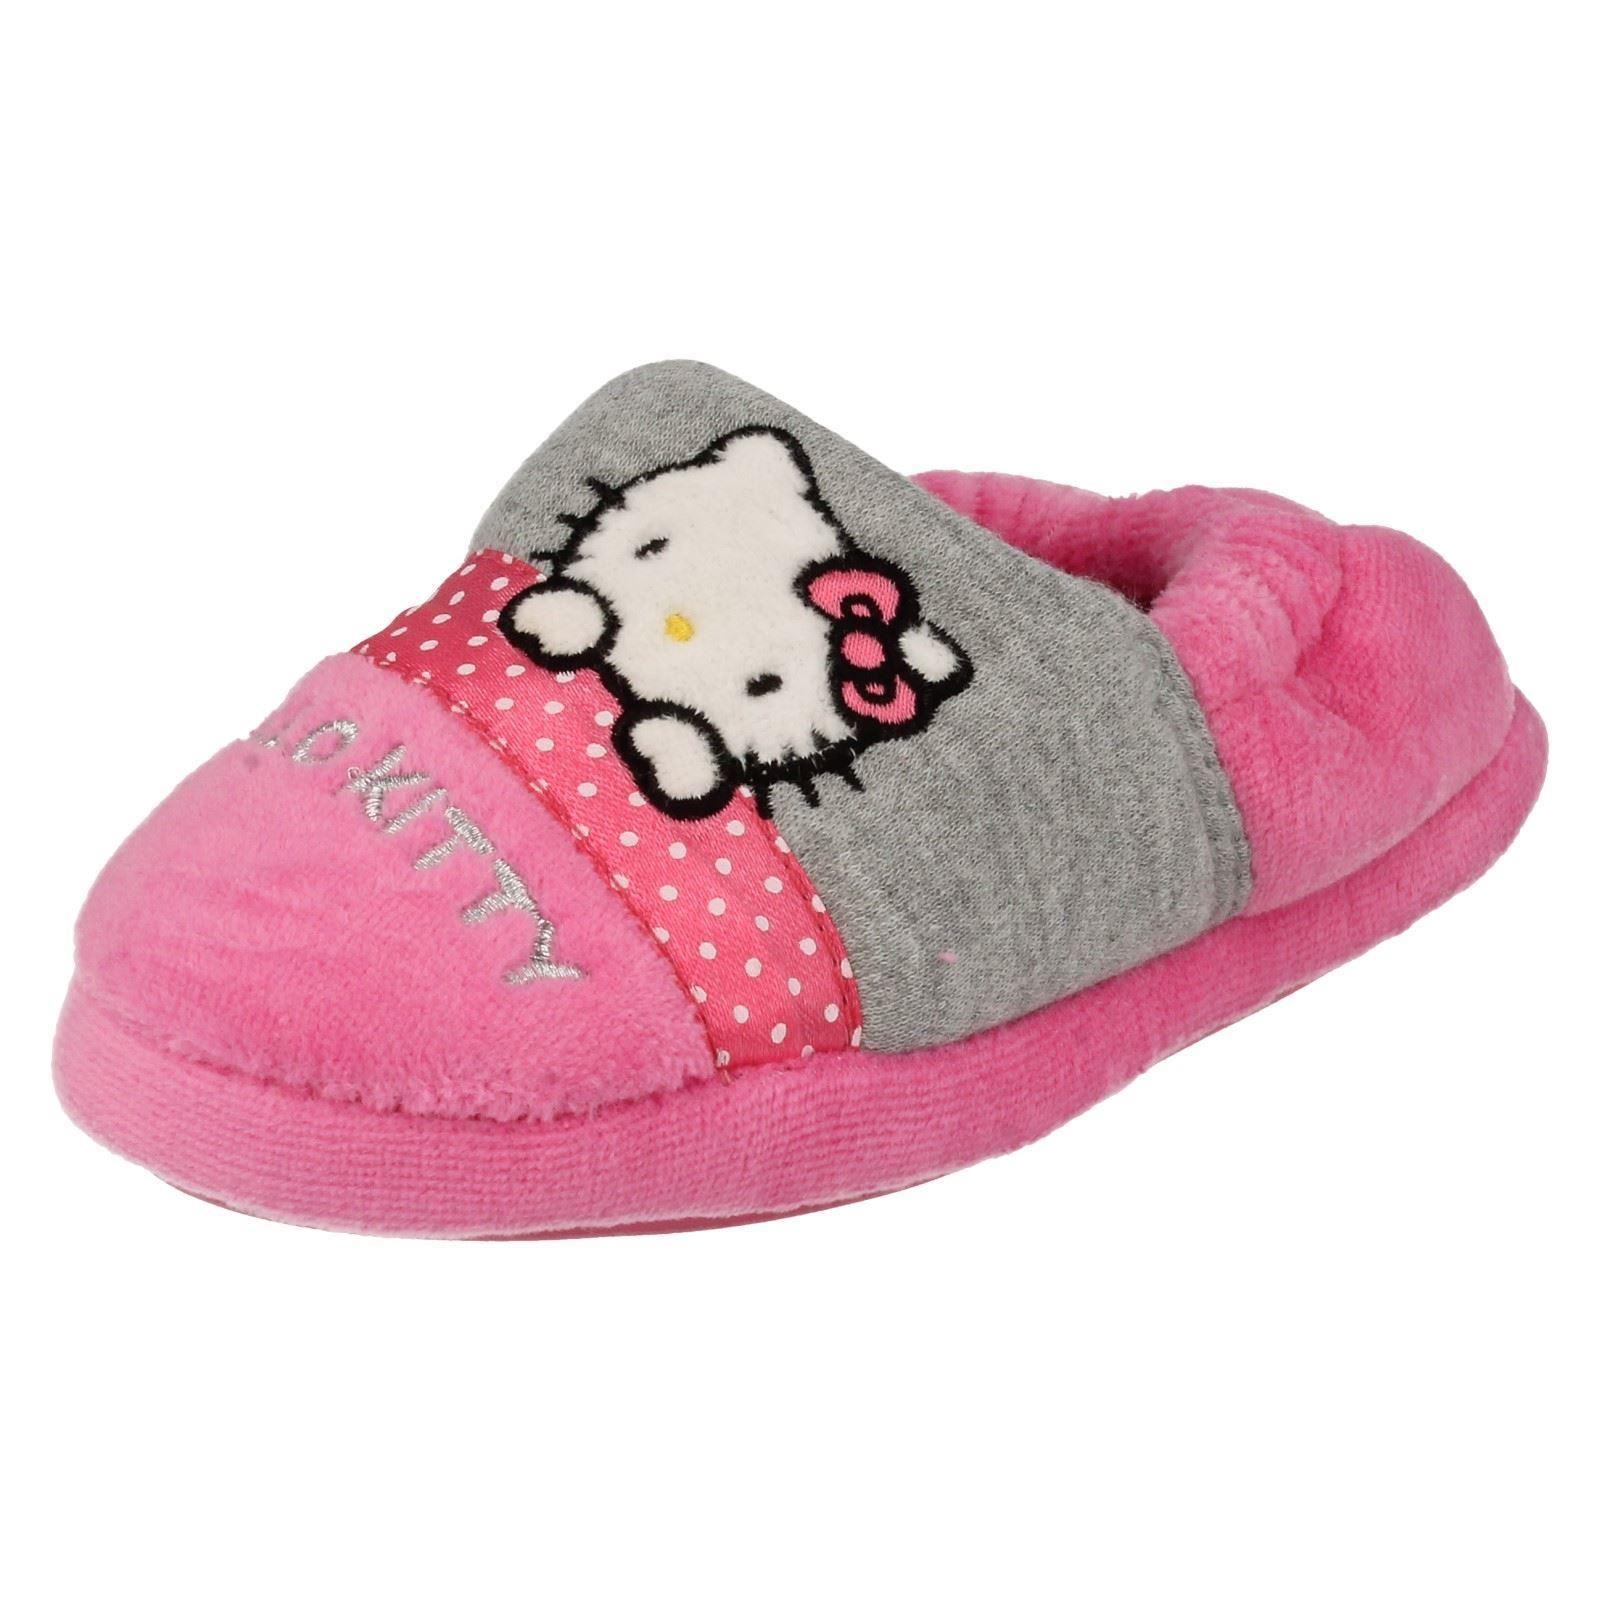 Junior Infantil Niñas Hello Kitty Gris y Rosa Resbalón en Zapatillas Completo-persa